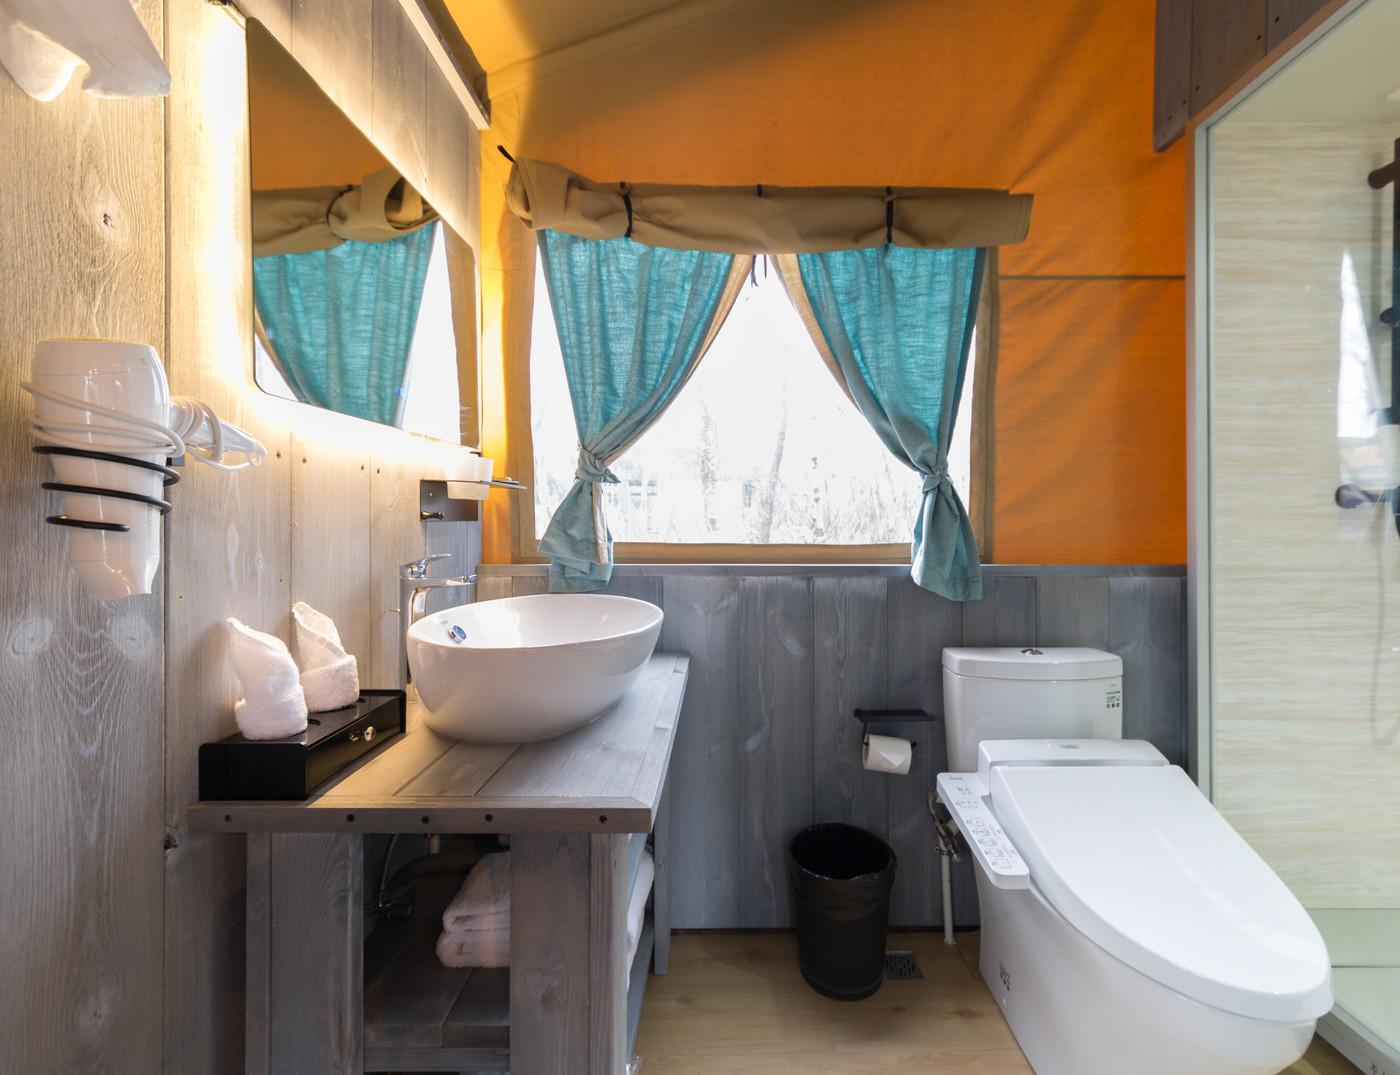 喜马拉雅嘉境林邸子母房奢华帐篷酒店生产厂家,为全球30多个国家提供营地帐篷酒店规划设计制造服务!以下为奢华帐篷酒店图片和视频介绍!25